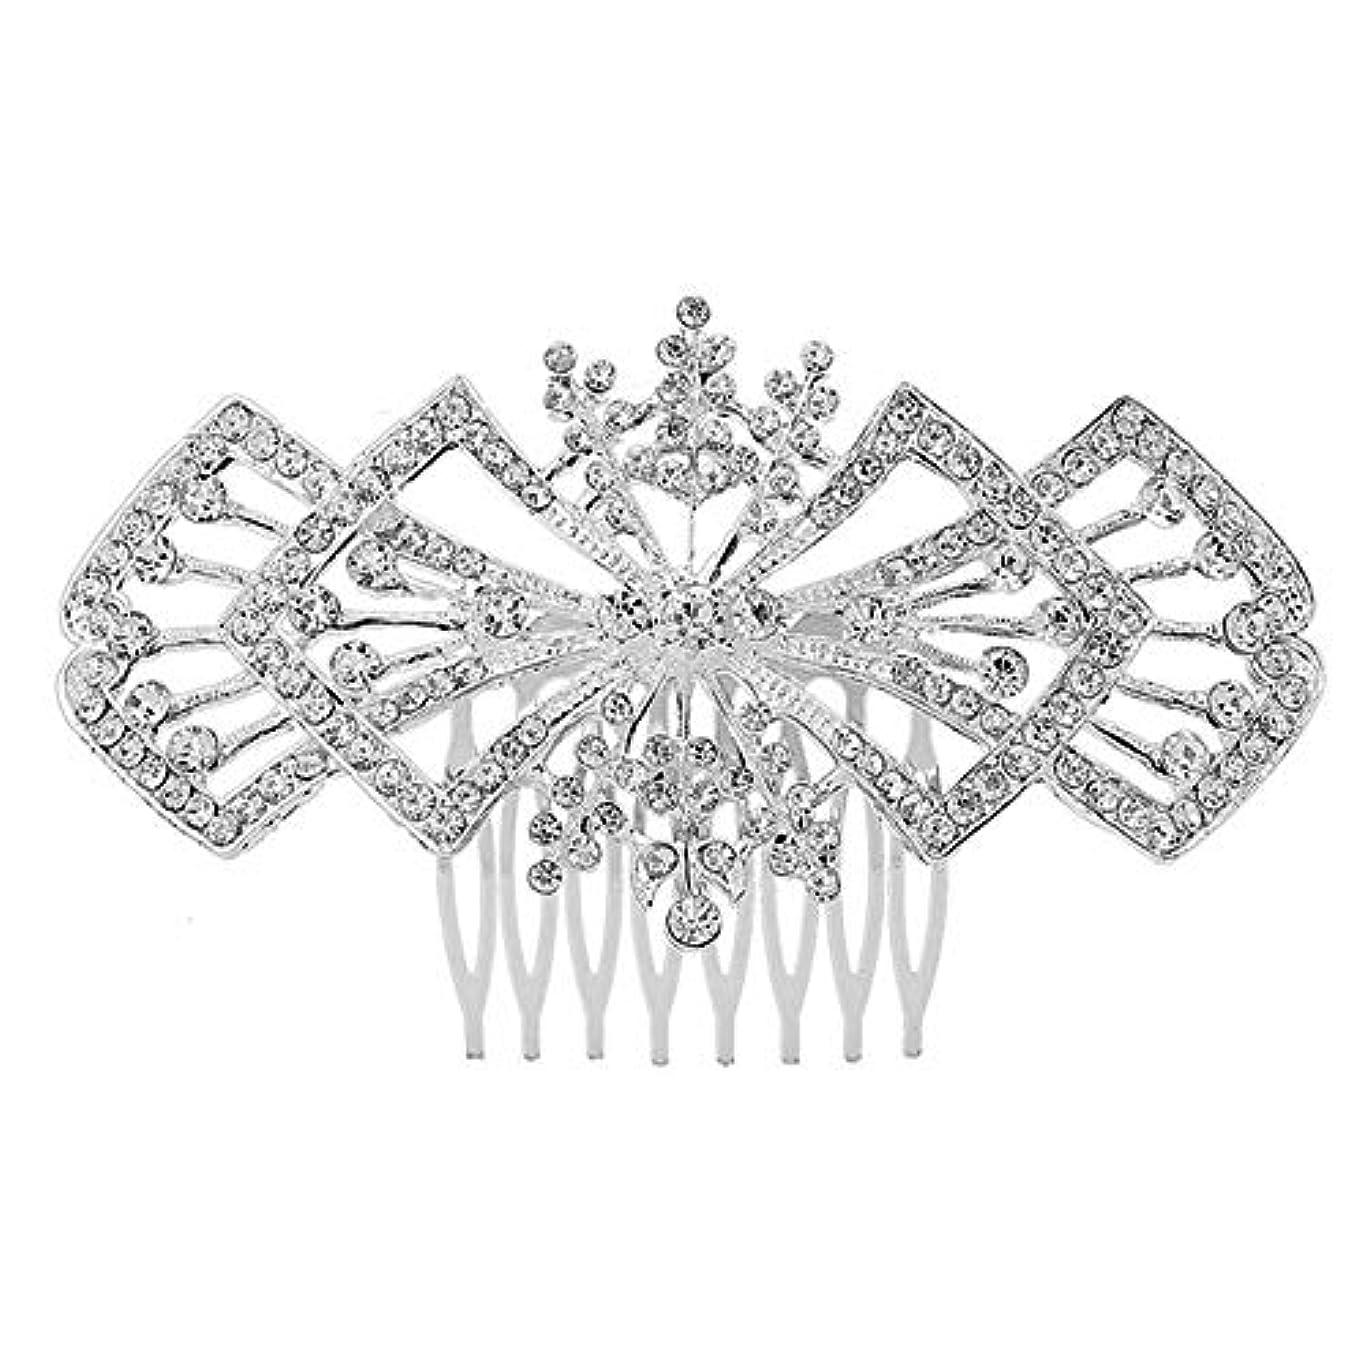 手がかりしたがって差別髪の櫛の櫛の櫛の花嫁の髪の櫛の花の髪の櫛のラインストーンの挿入物の櫛の合金の帽子の結婚式の宝石類